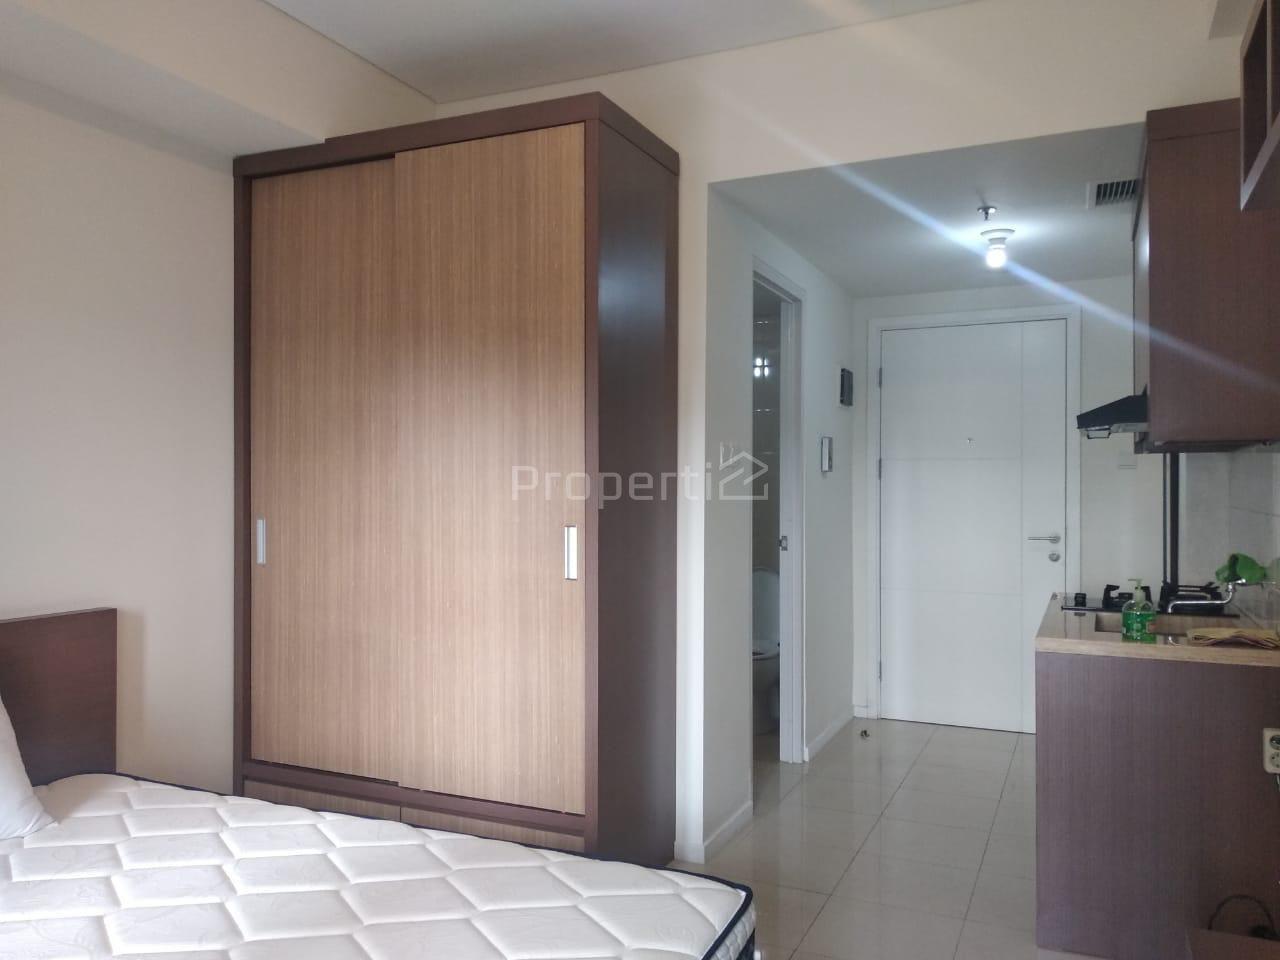 1BR Apartment Unit at Parahyangan Residences, 15th Floor, Kota Bandung